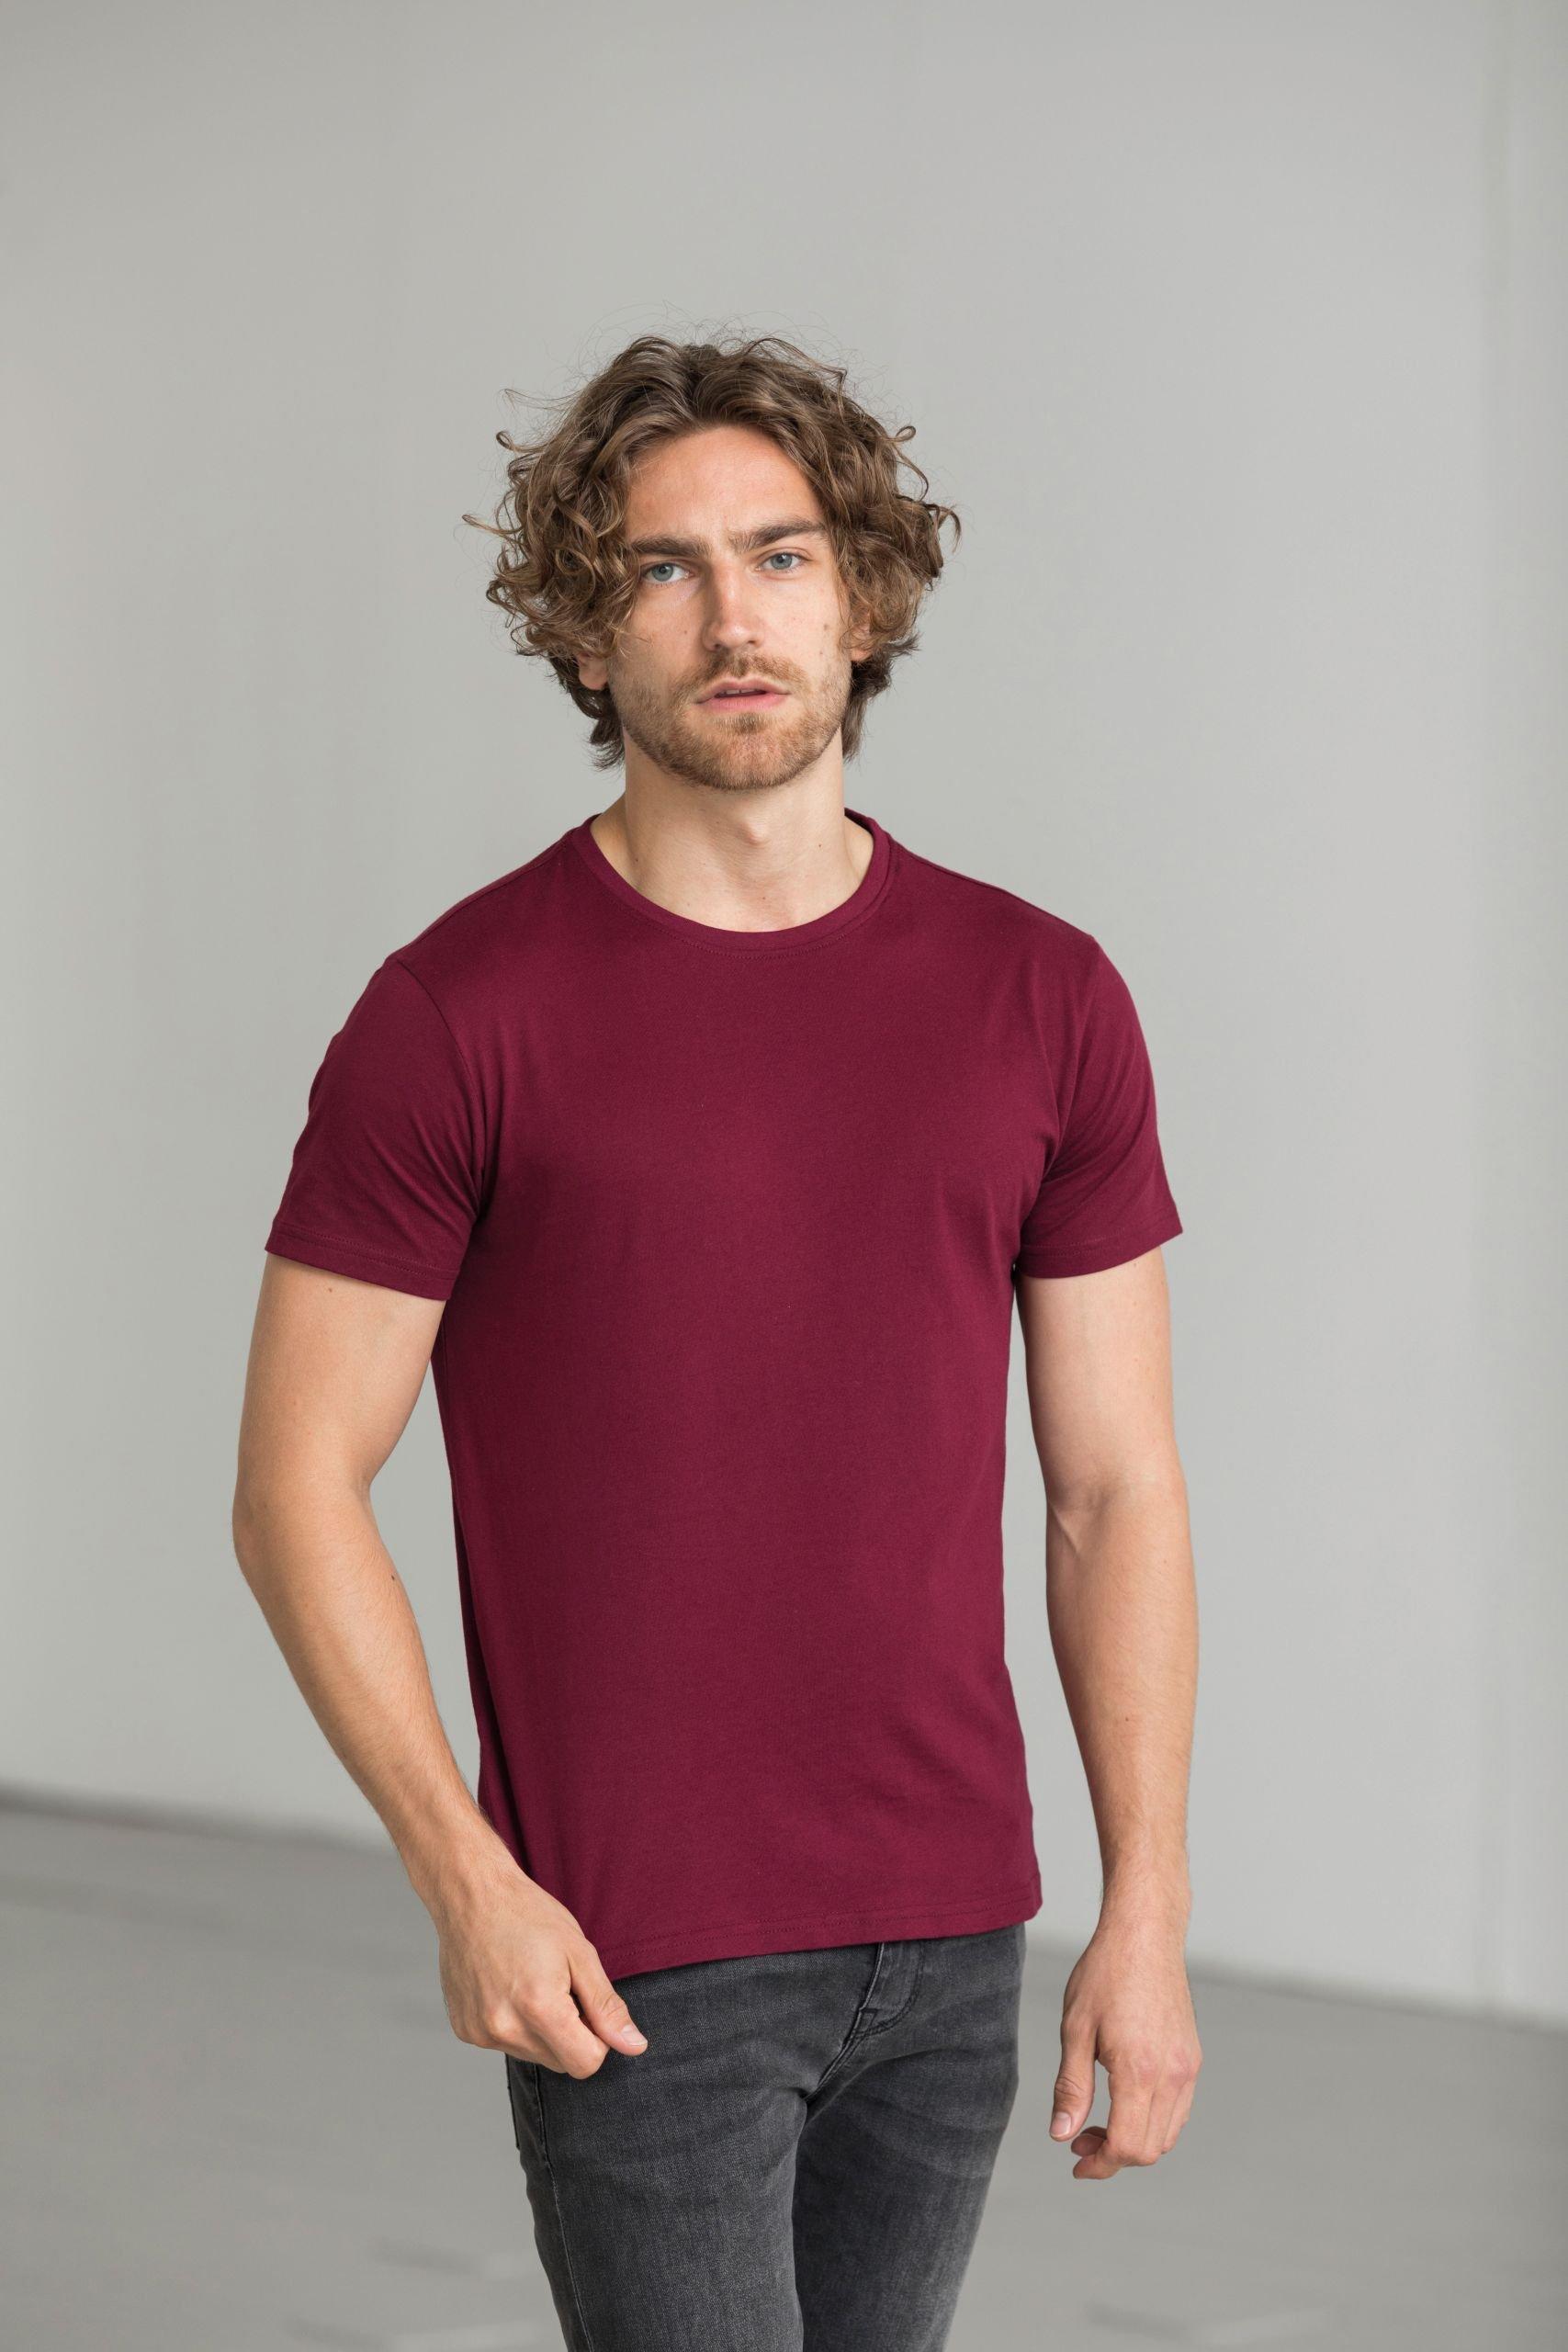 Økologisk Herre T-shirt I En 150g/m2 Kvalitet [EA001]